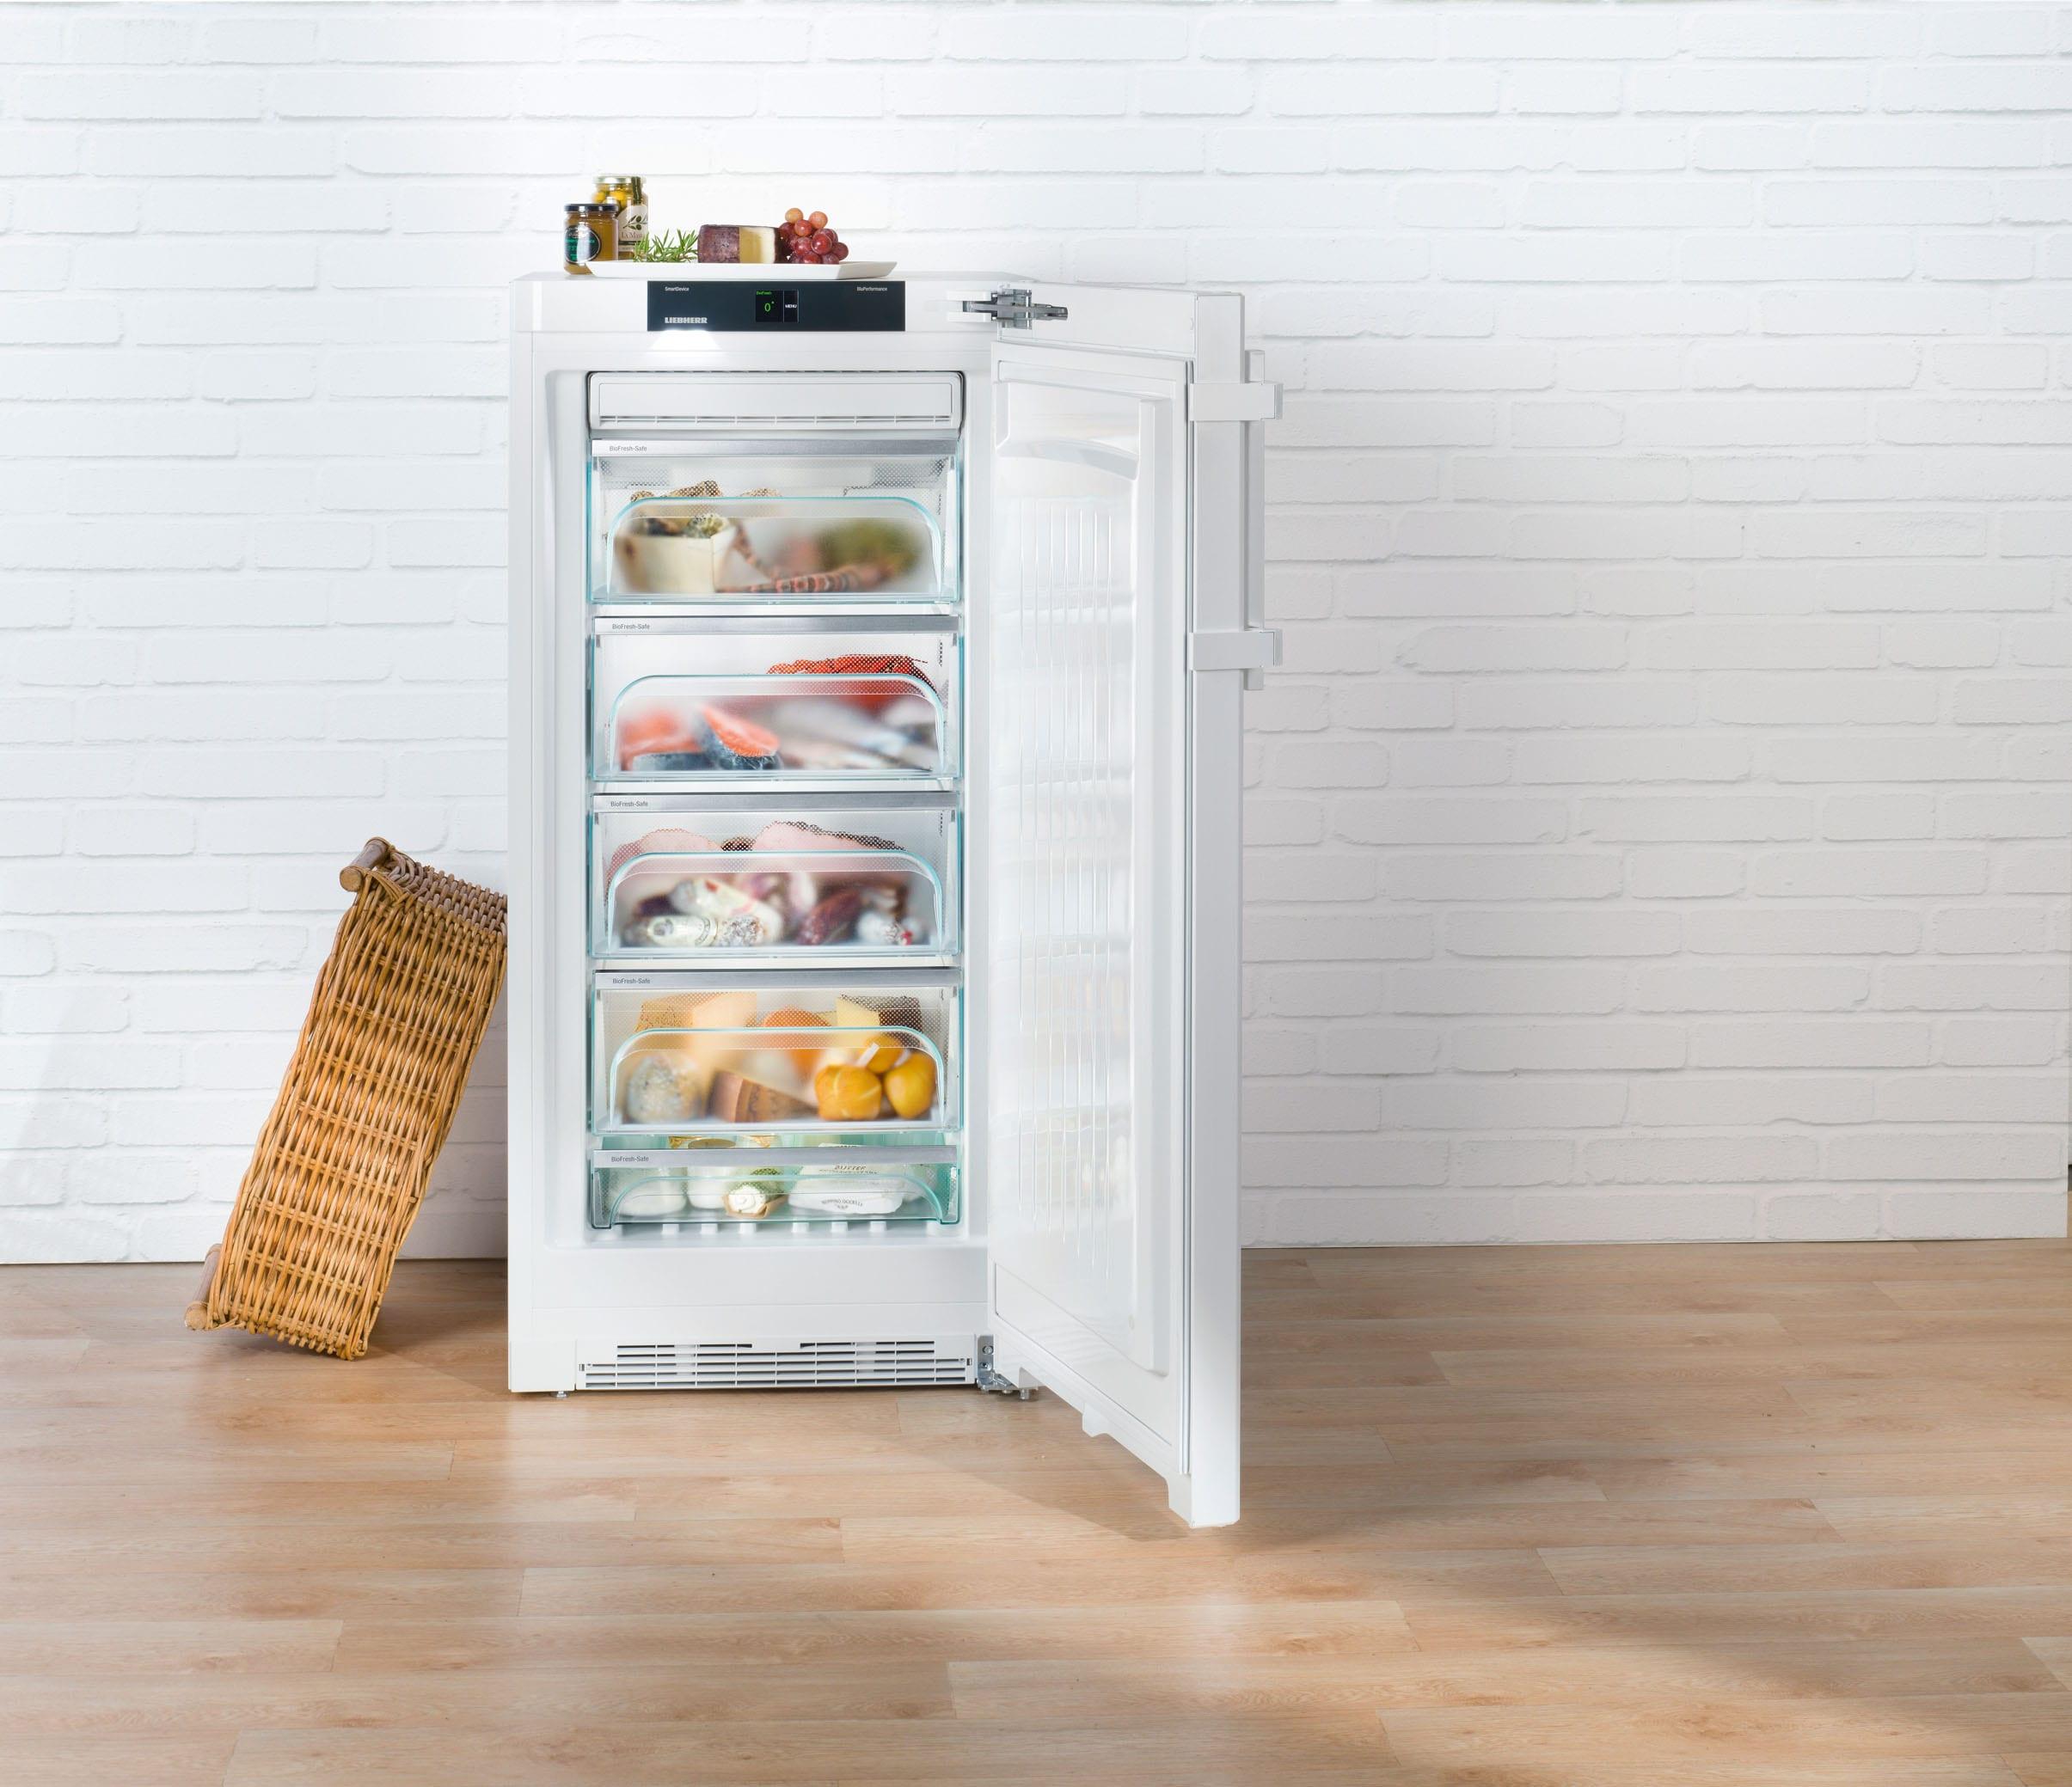 Kühlschrank in einem unbeheizten, kalten Raum betreiben?